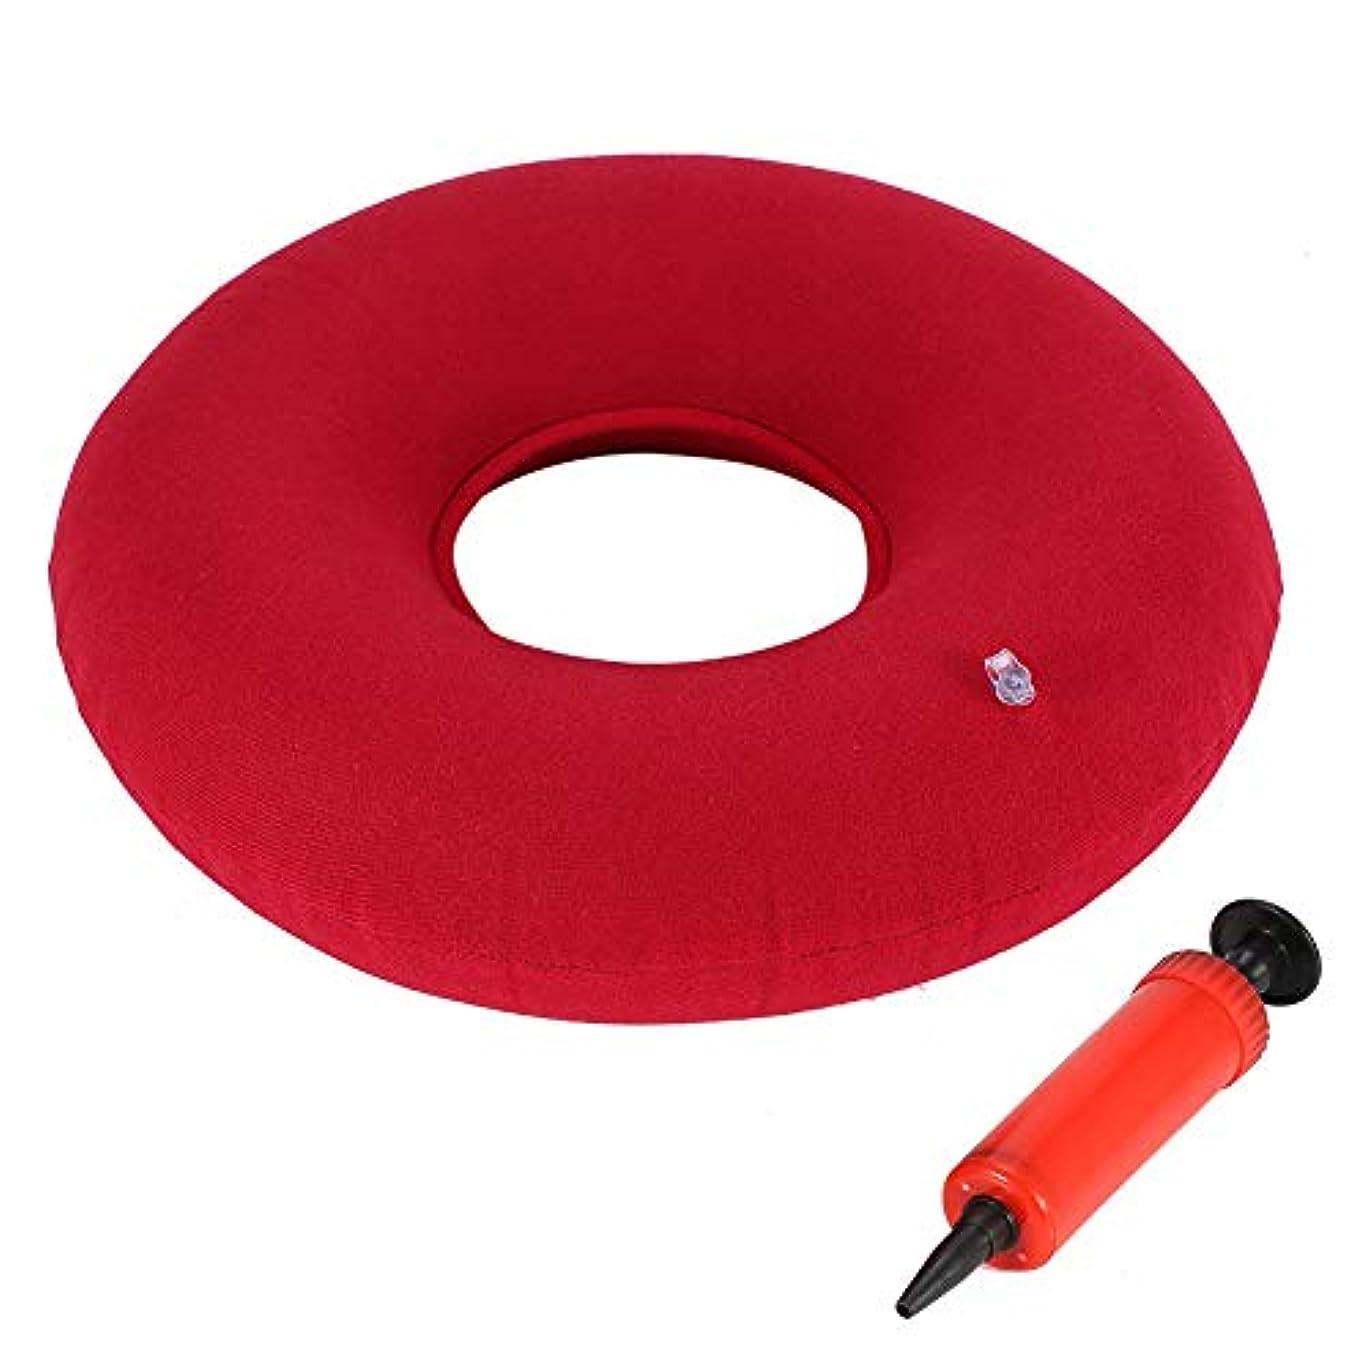 昇るジョイント熟考するシートクッション、3色新しいインフレータブルラウンドチェアパッドヒップサポート痔シートクッション付きポンプ(赤)